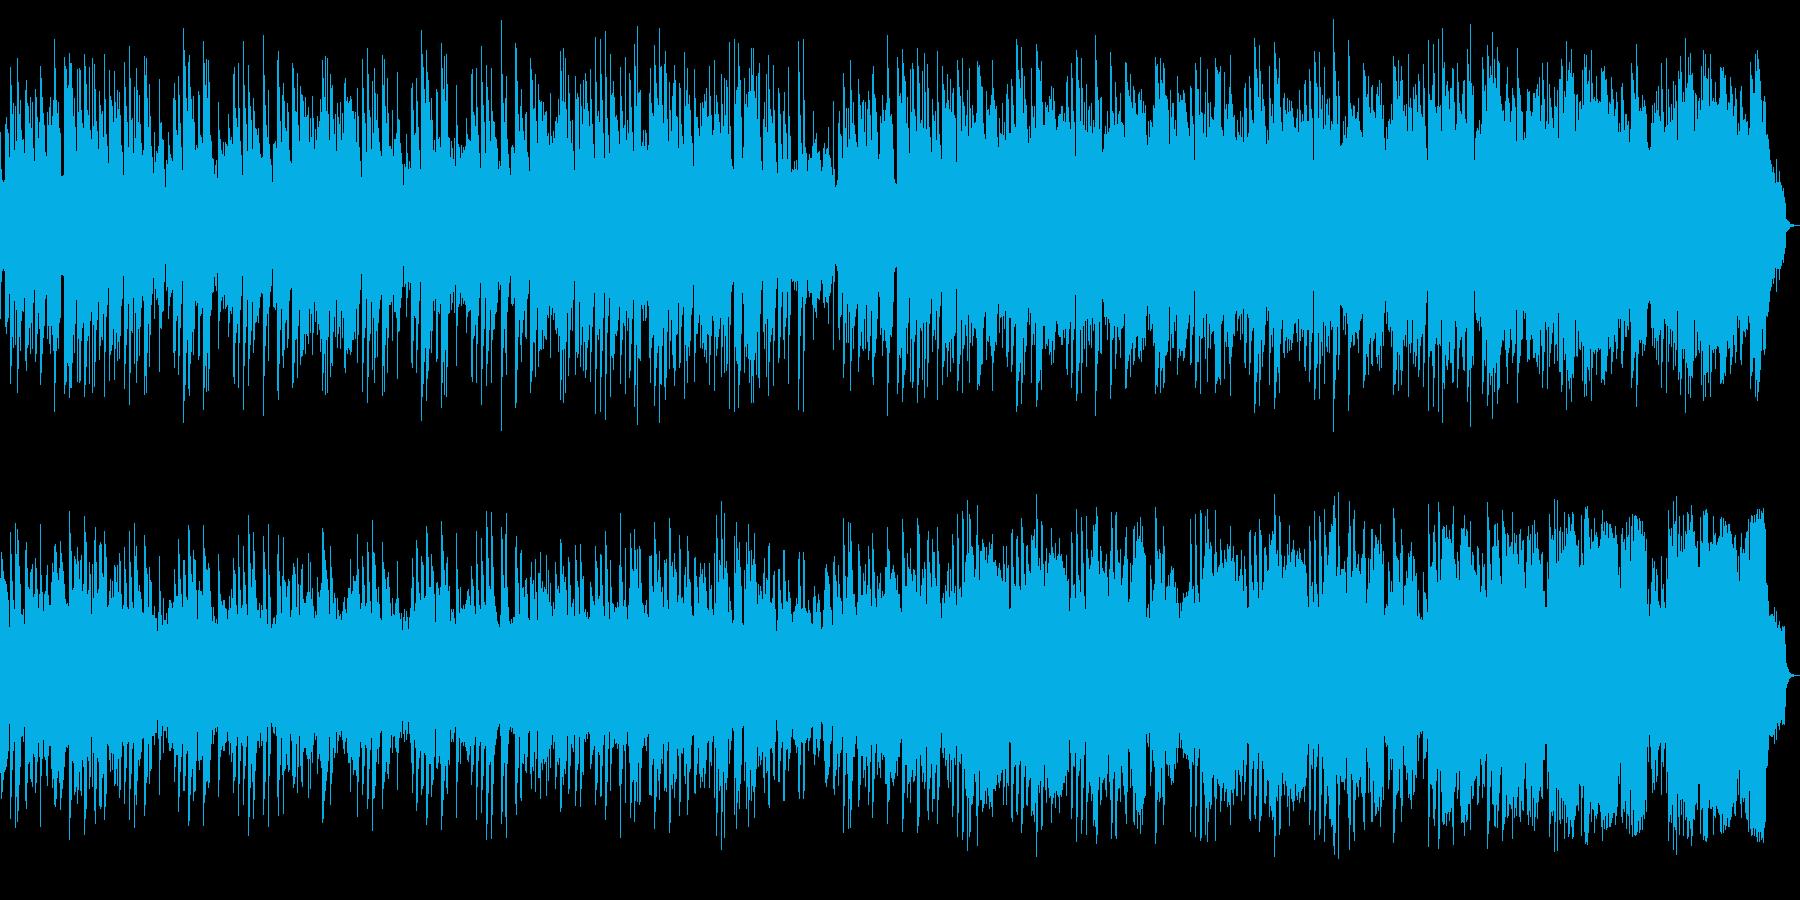 ピアノ中心の哀愁感あるメロディアスワルツの再生済みの波形